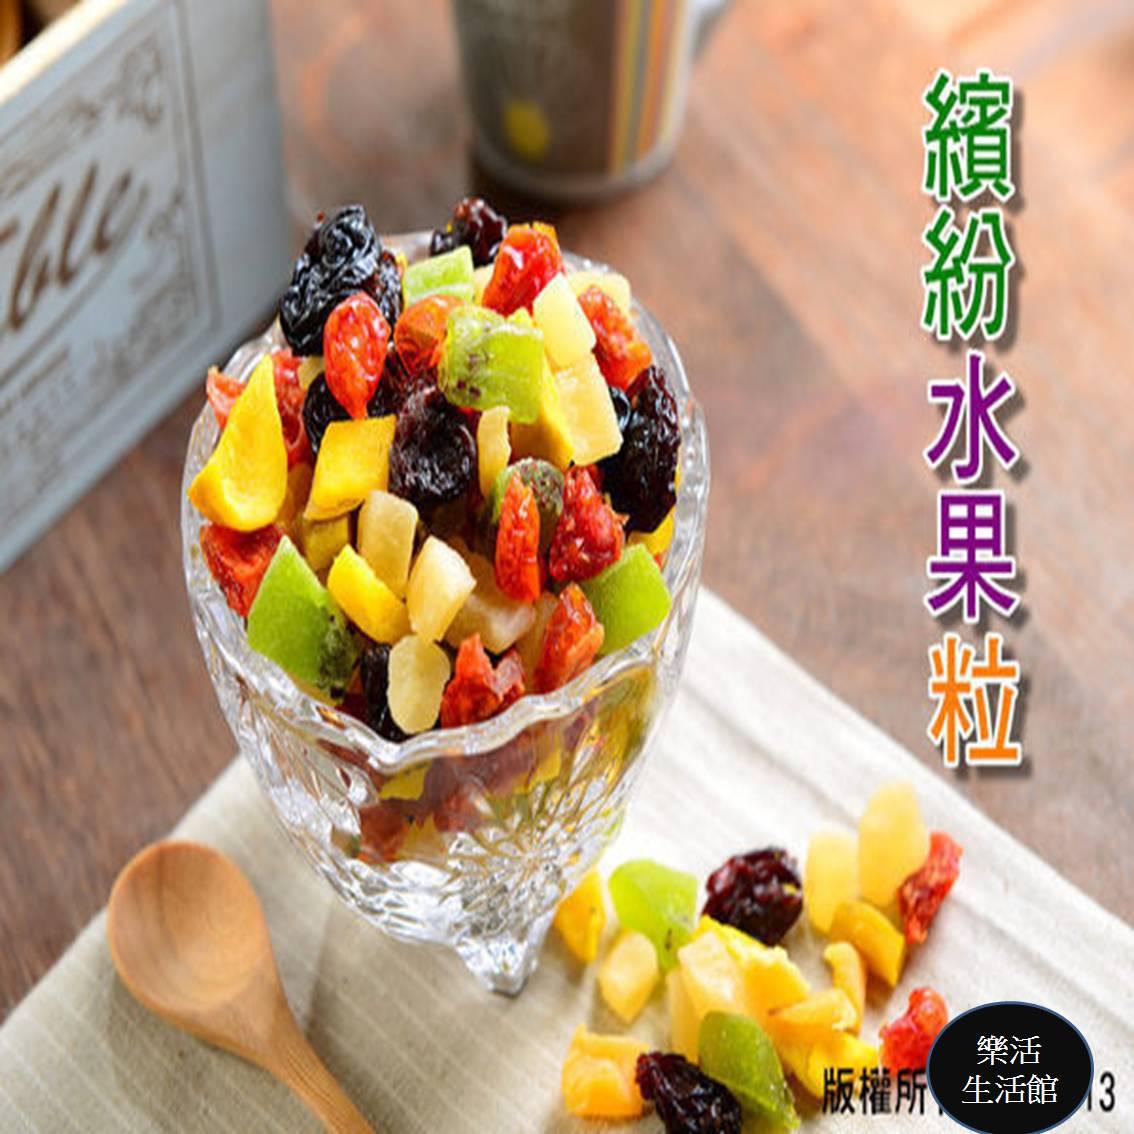 繽紛水果粒/ 芒果鮮果粒/鳳梨鮮果粒(250g)  【樂活生活館】